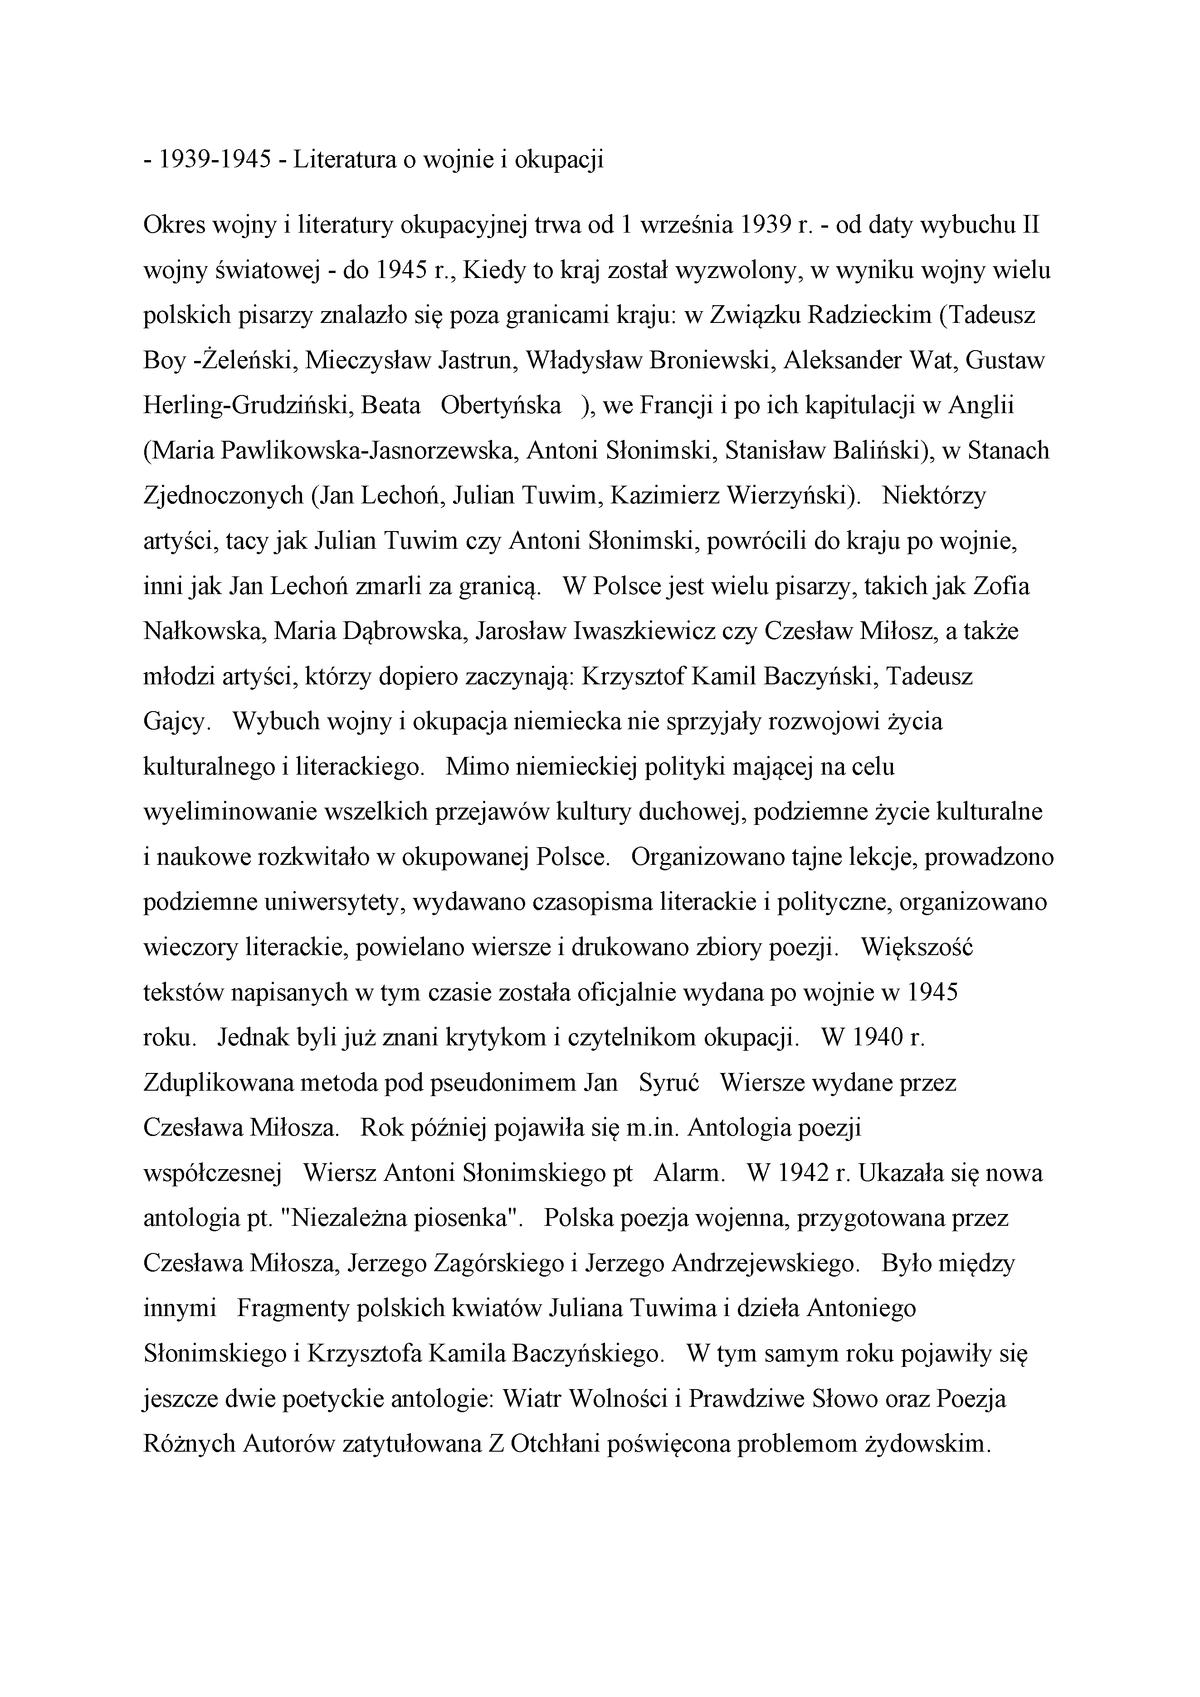 Lit Wojny I Okupacji 2 Wykład Numer 2 1707 Litw Io Studocu